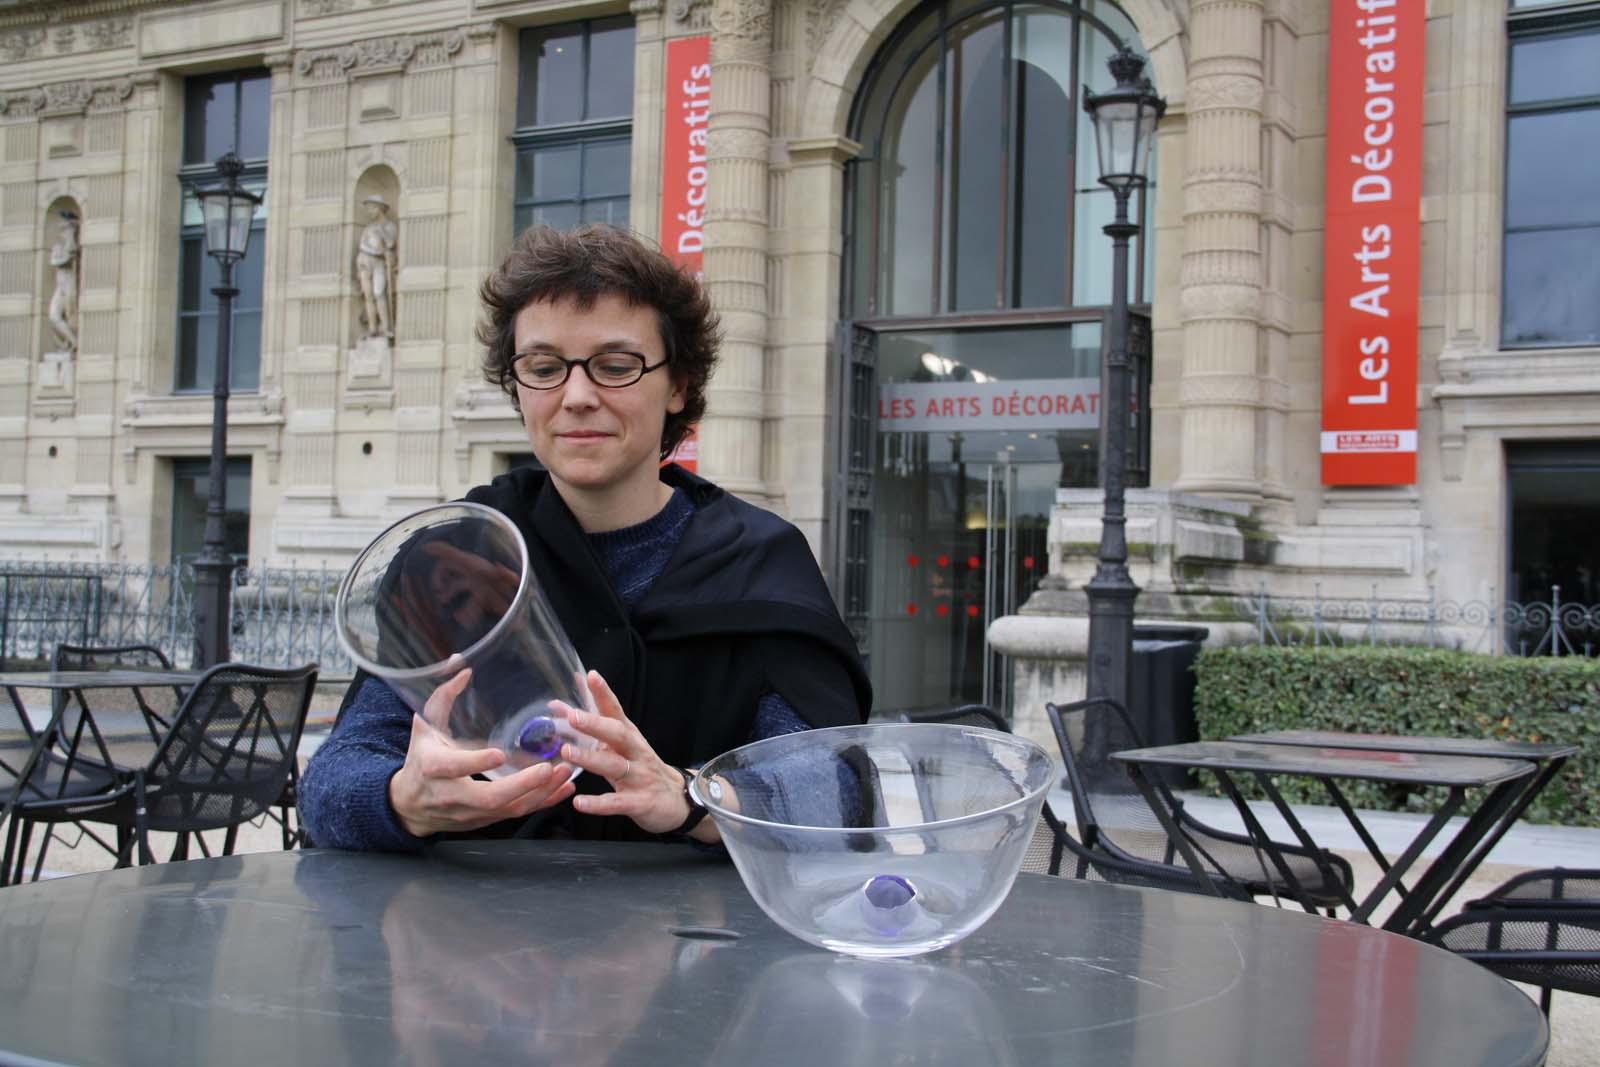 Designer Constance Guisset in a GlassLab design session in Paris, 2013.